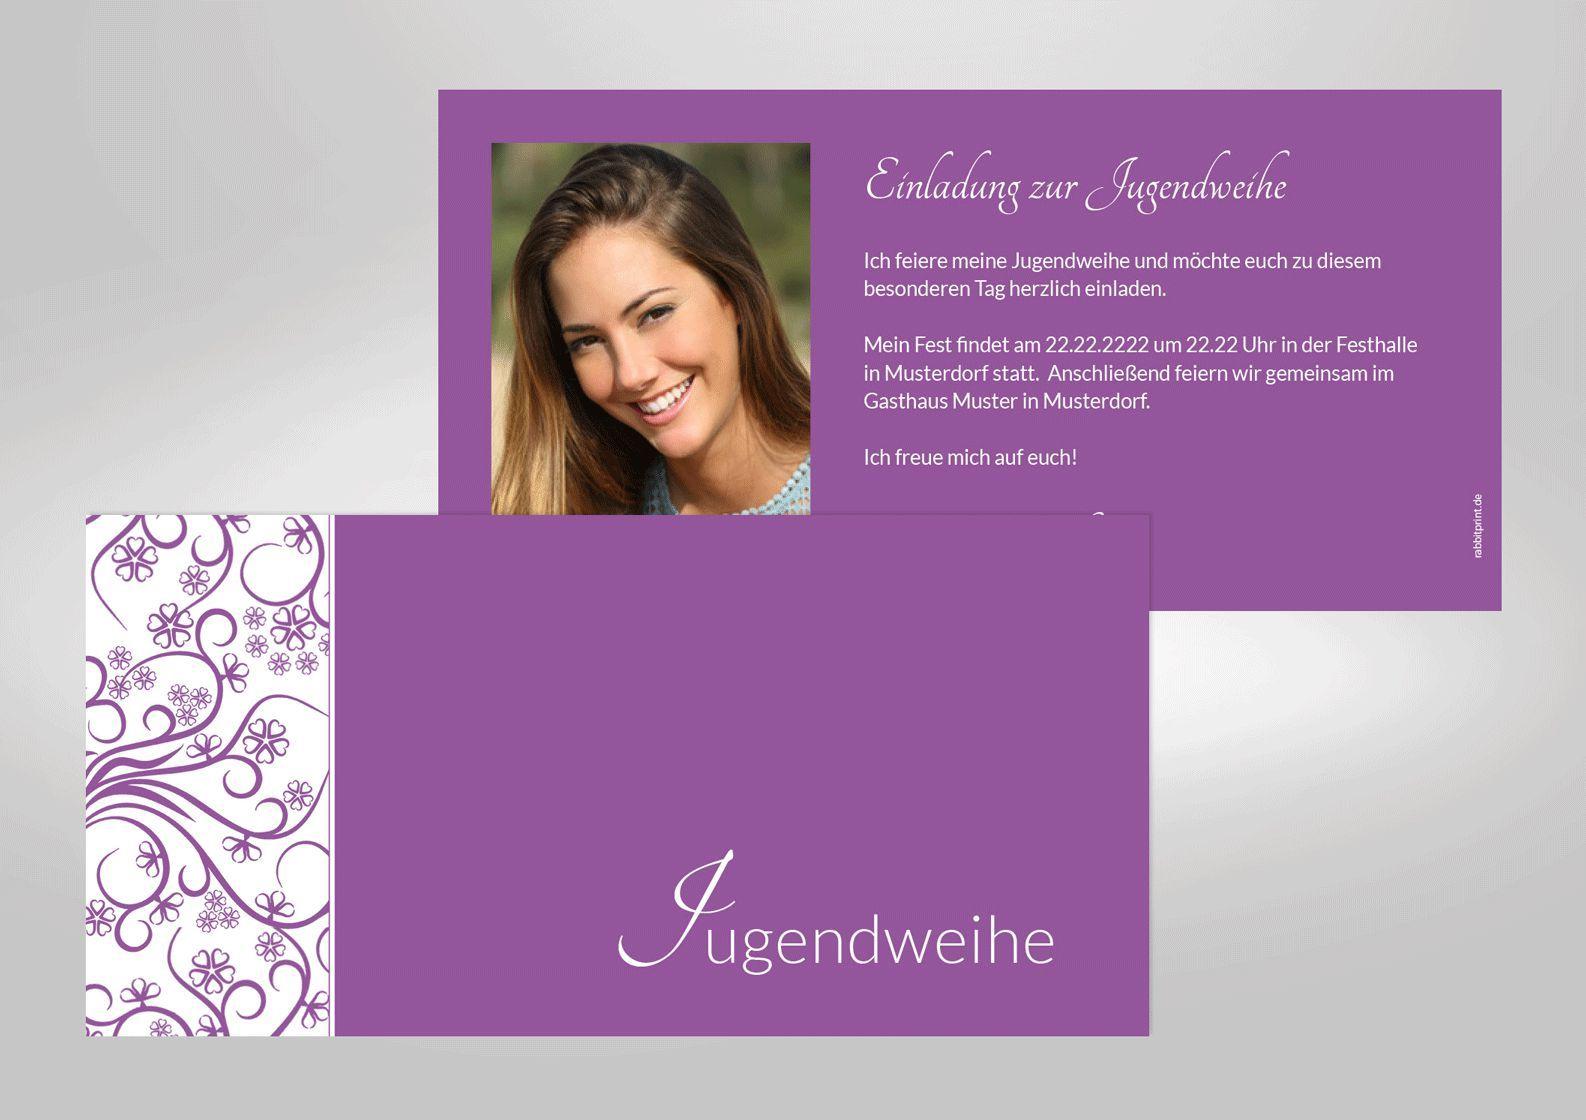 good einladungskarten jugendweihe vorlagen #1: einladungskarten-jugendweihe-vorlagen